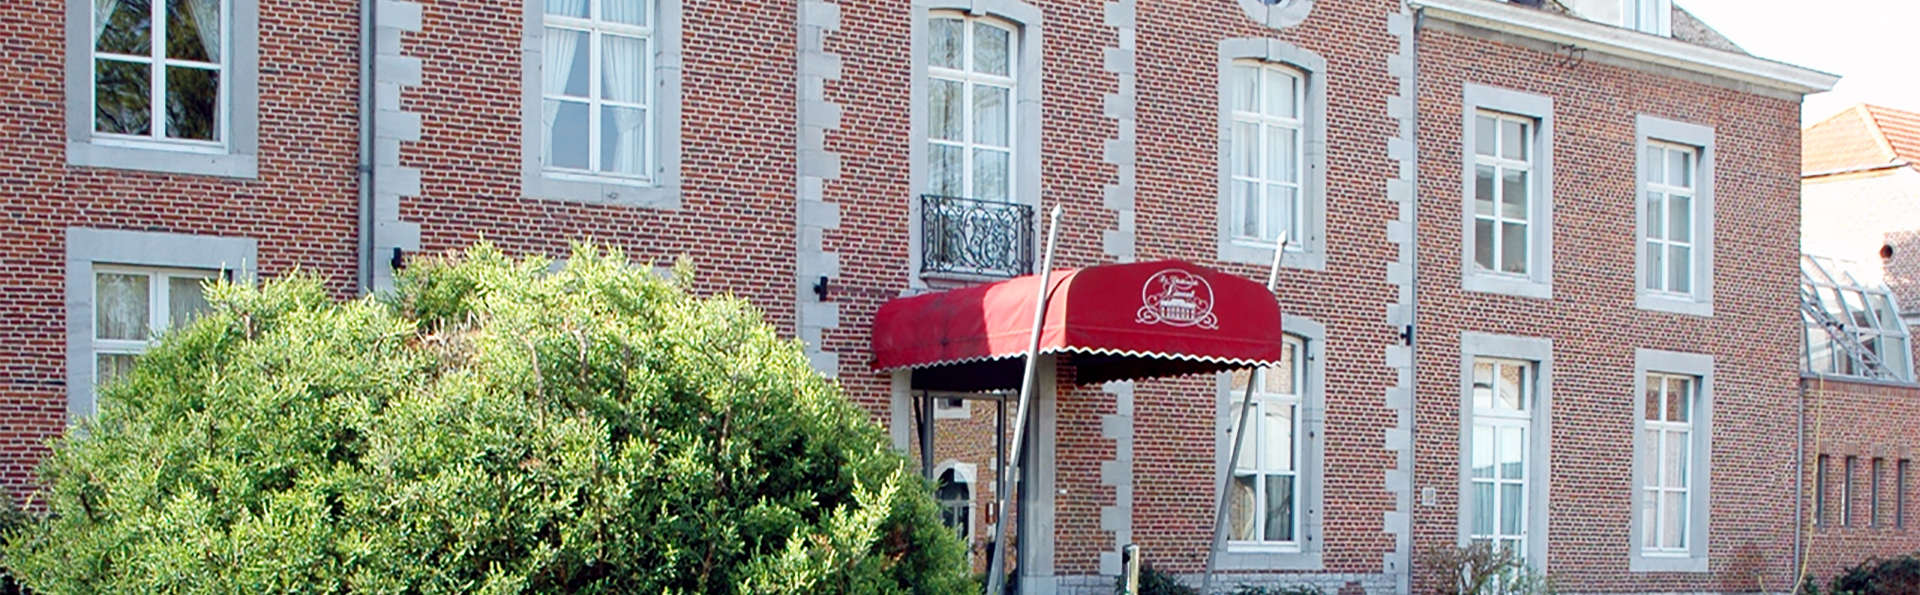 Château de Limont - EDIT_front3.jpg